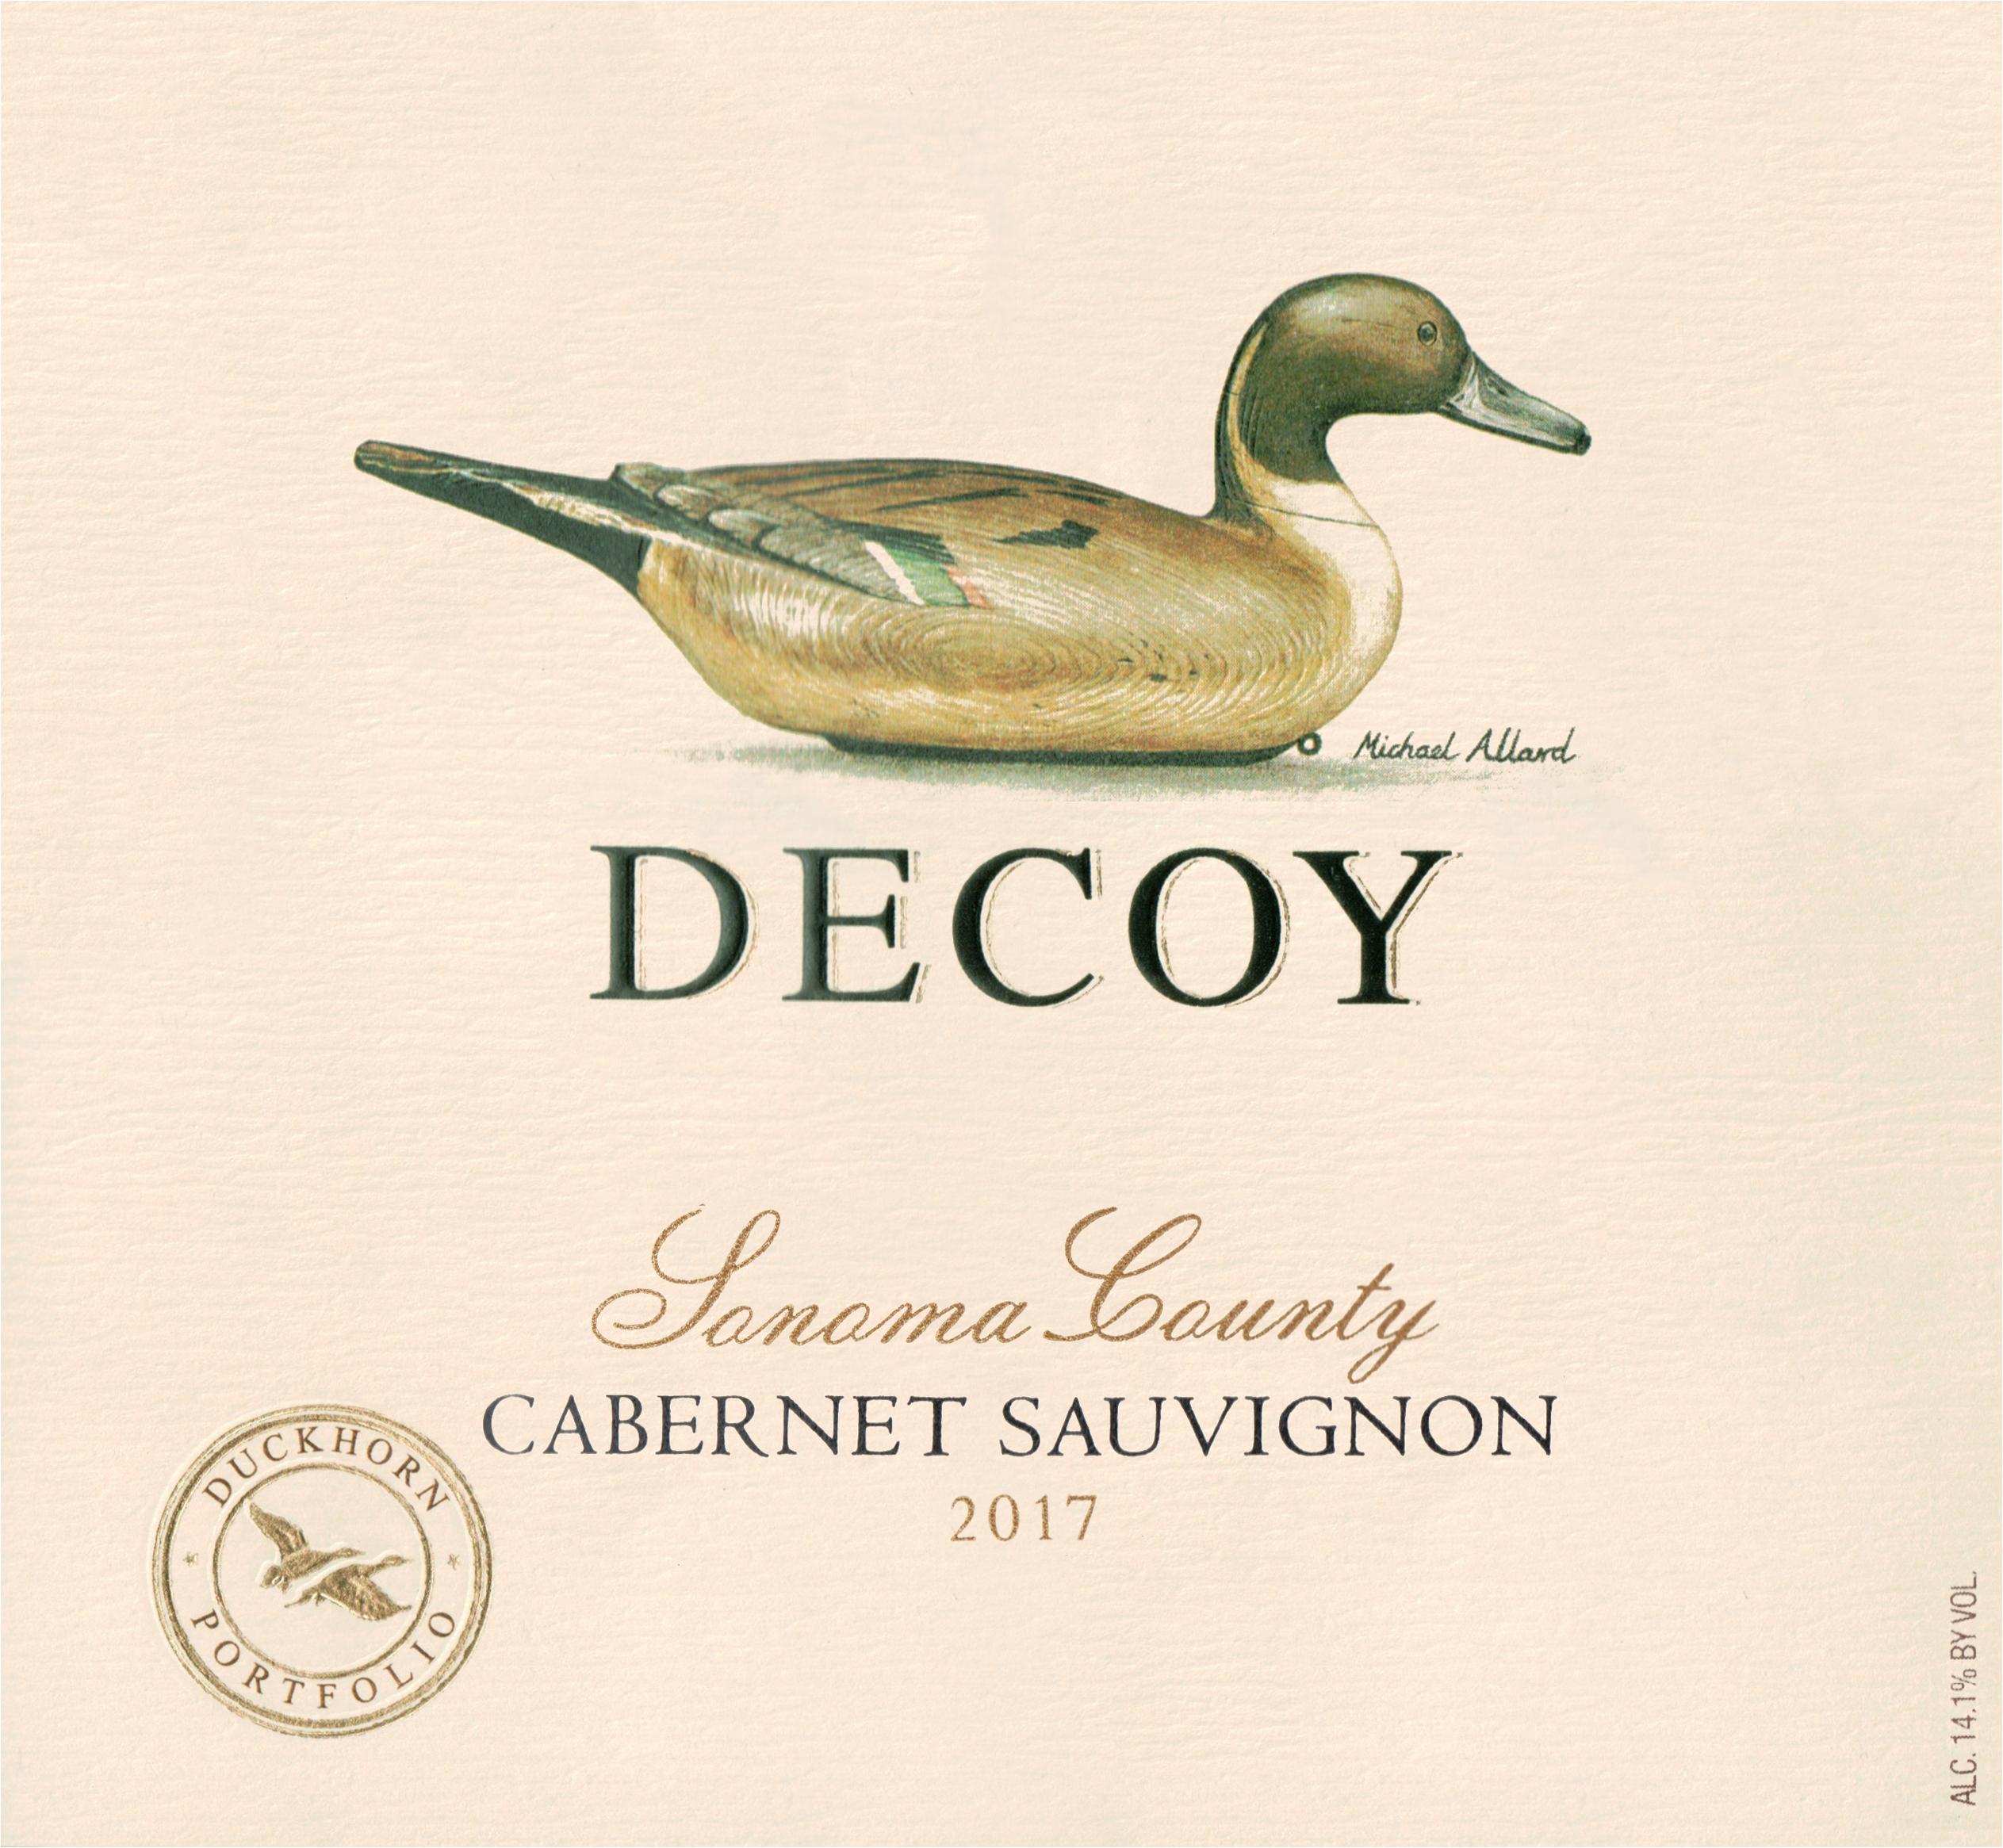 Duckhorn Decoy Cabernet 2017